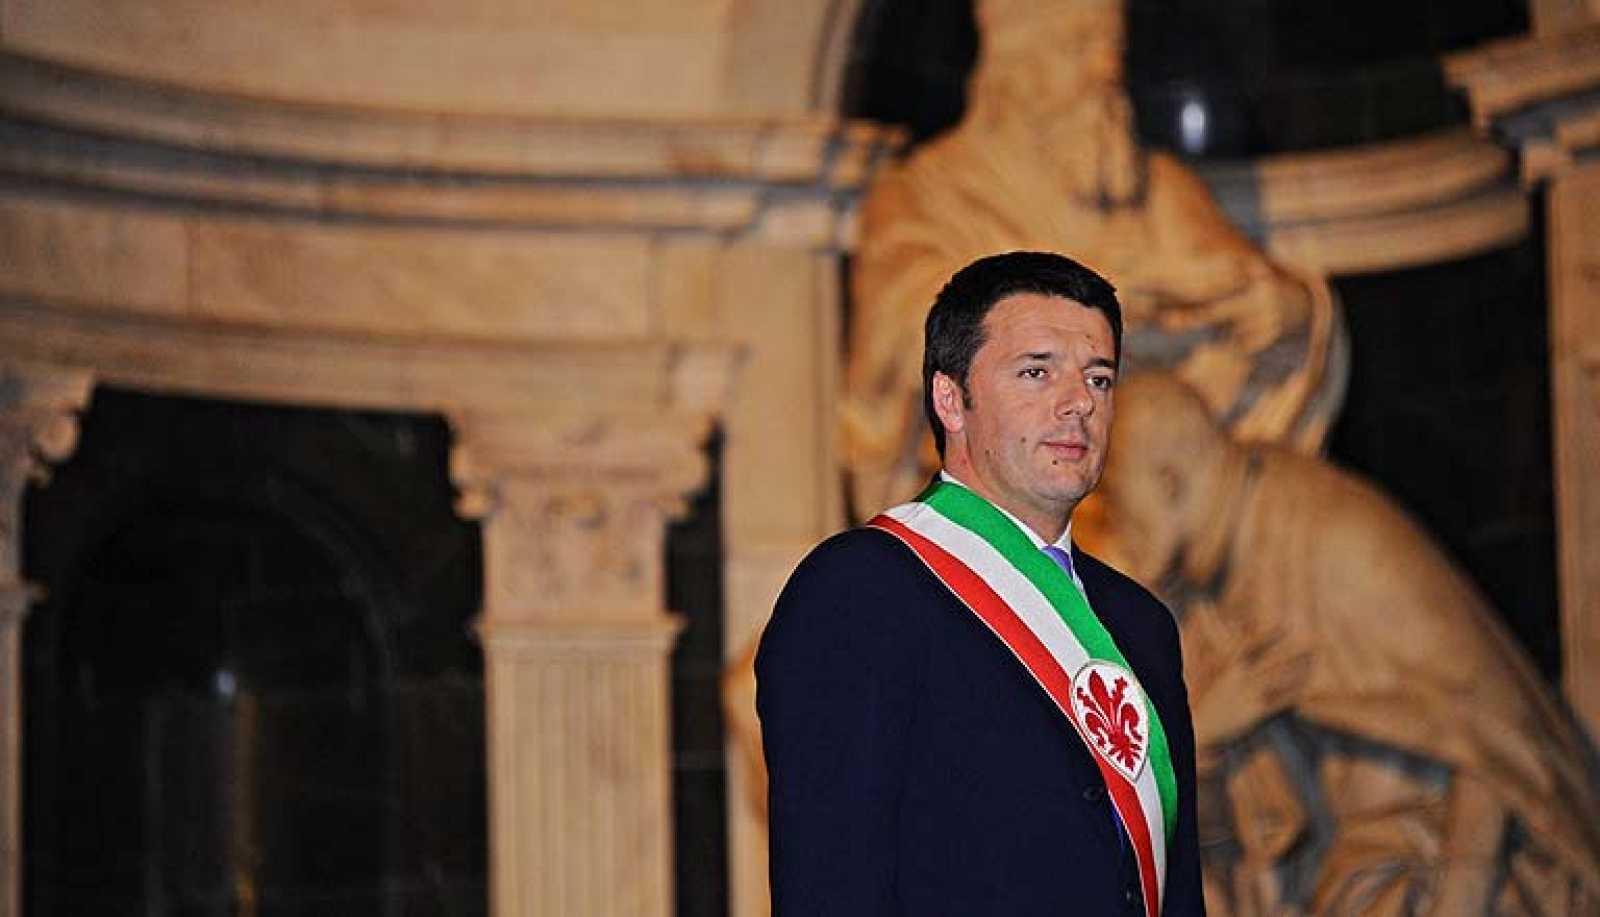 Matteo Renzi, ambición y carisma al asalto del poder